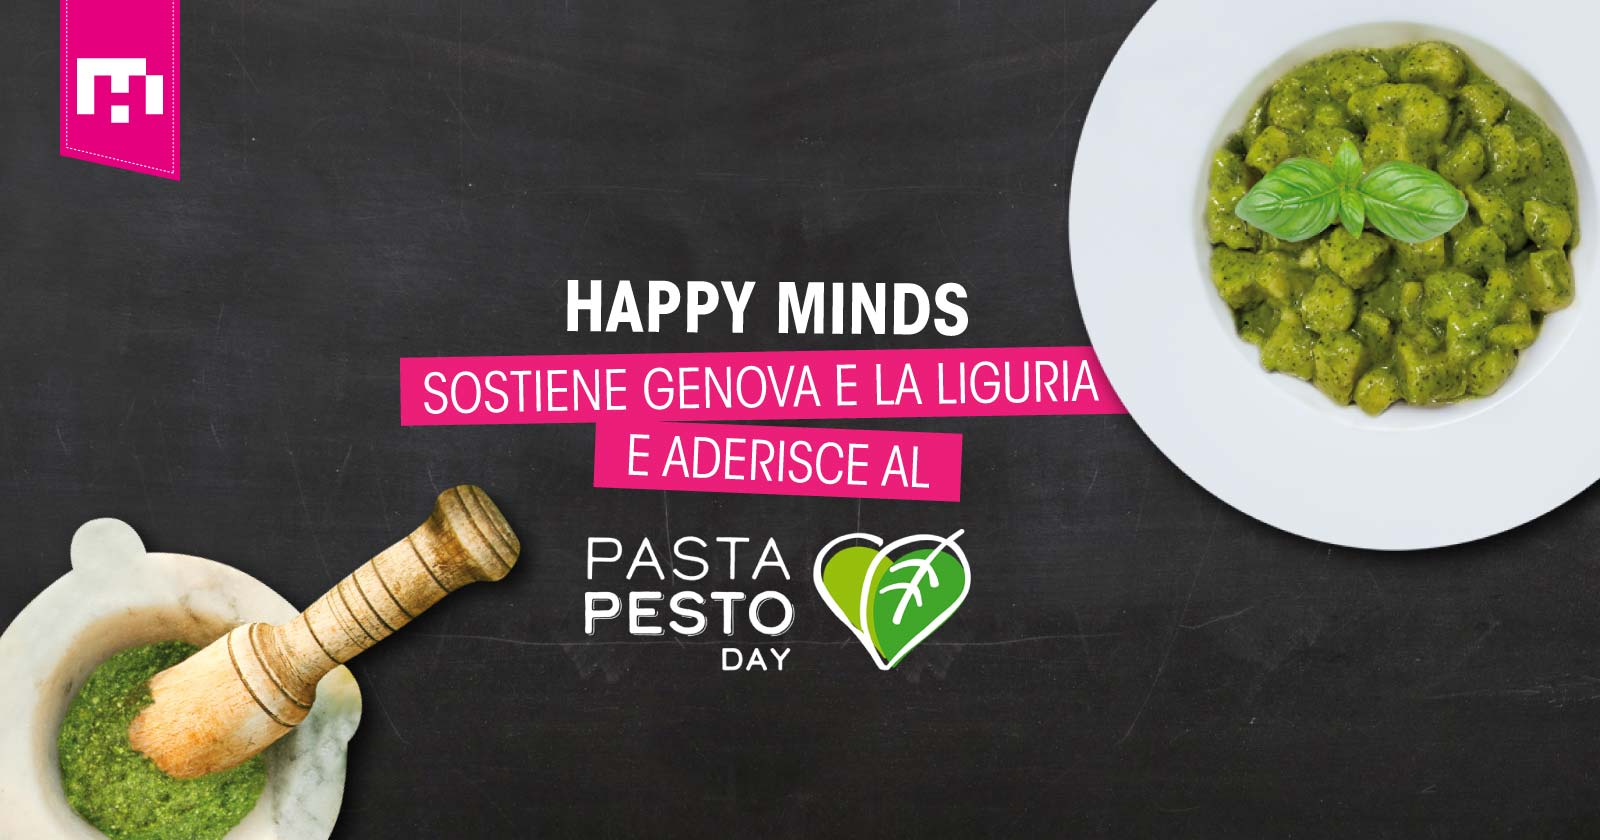 condivisione-pasta-pesto-day-happy-minds